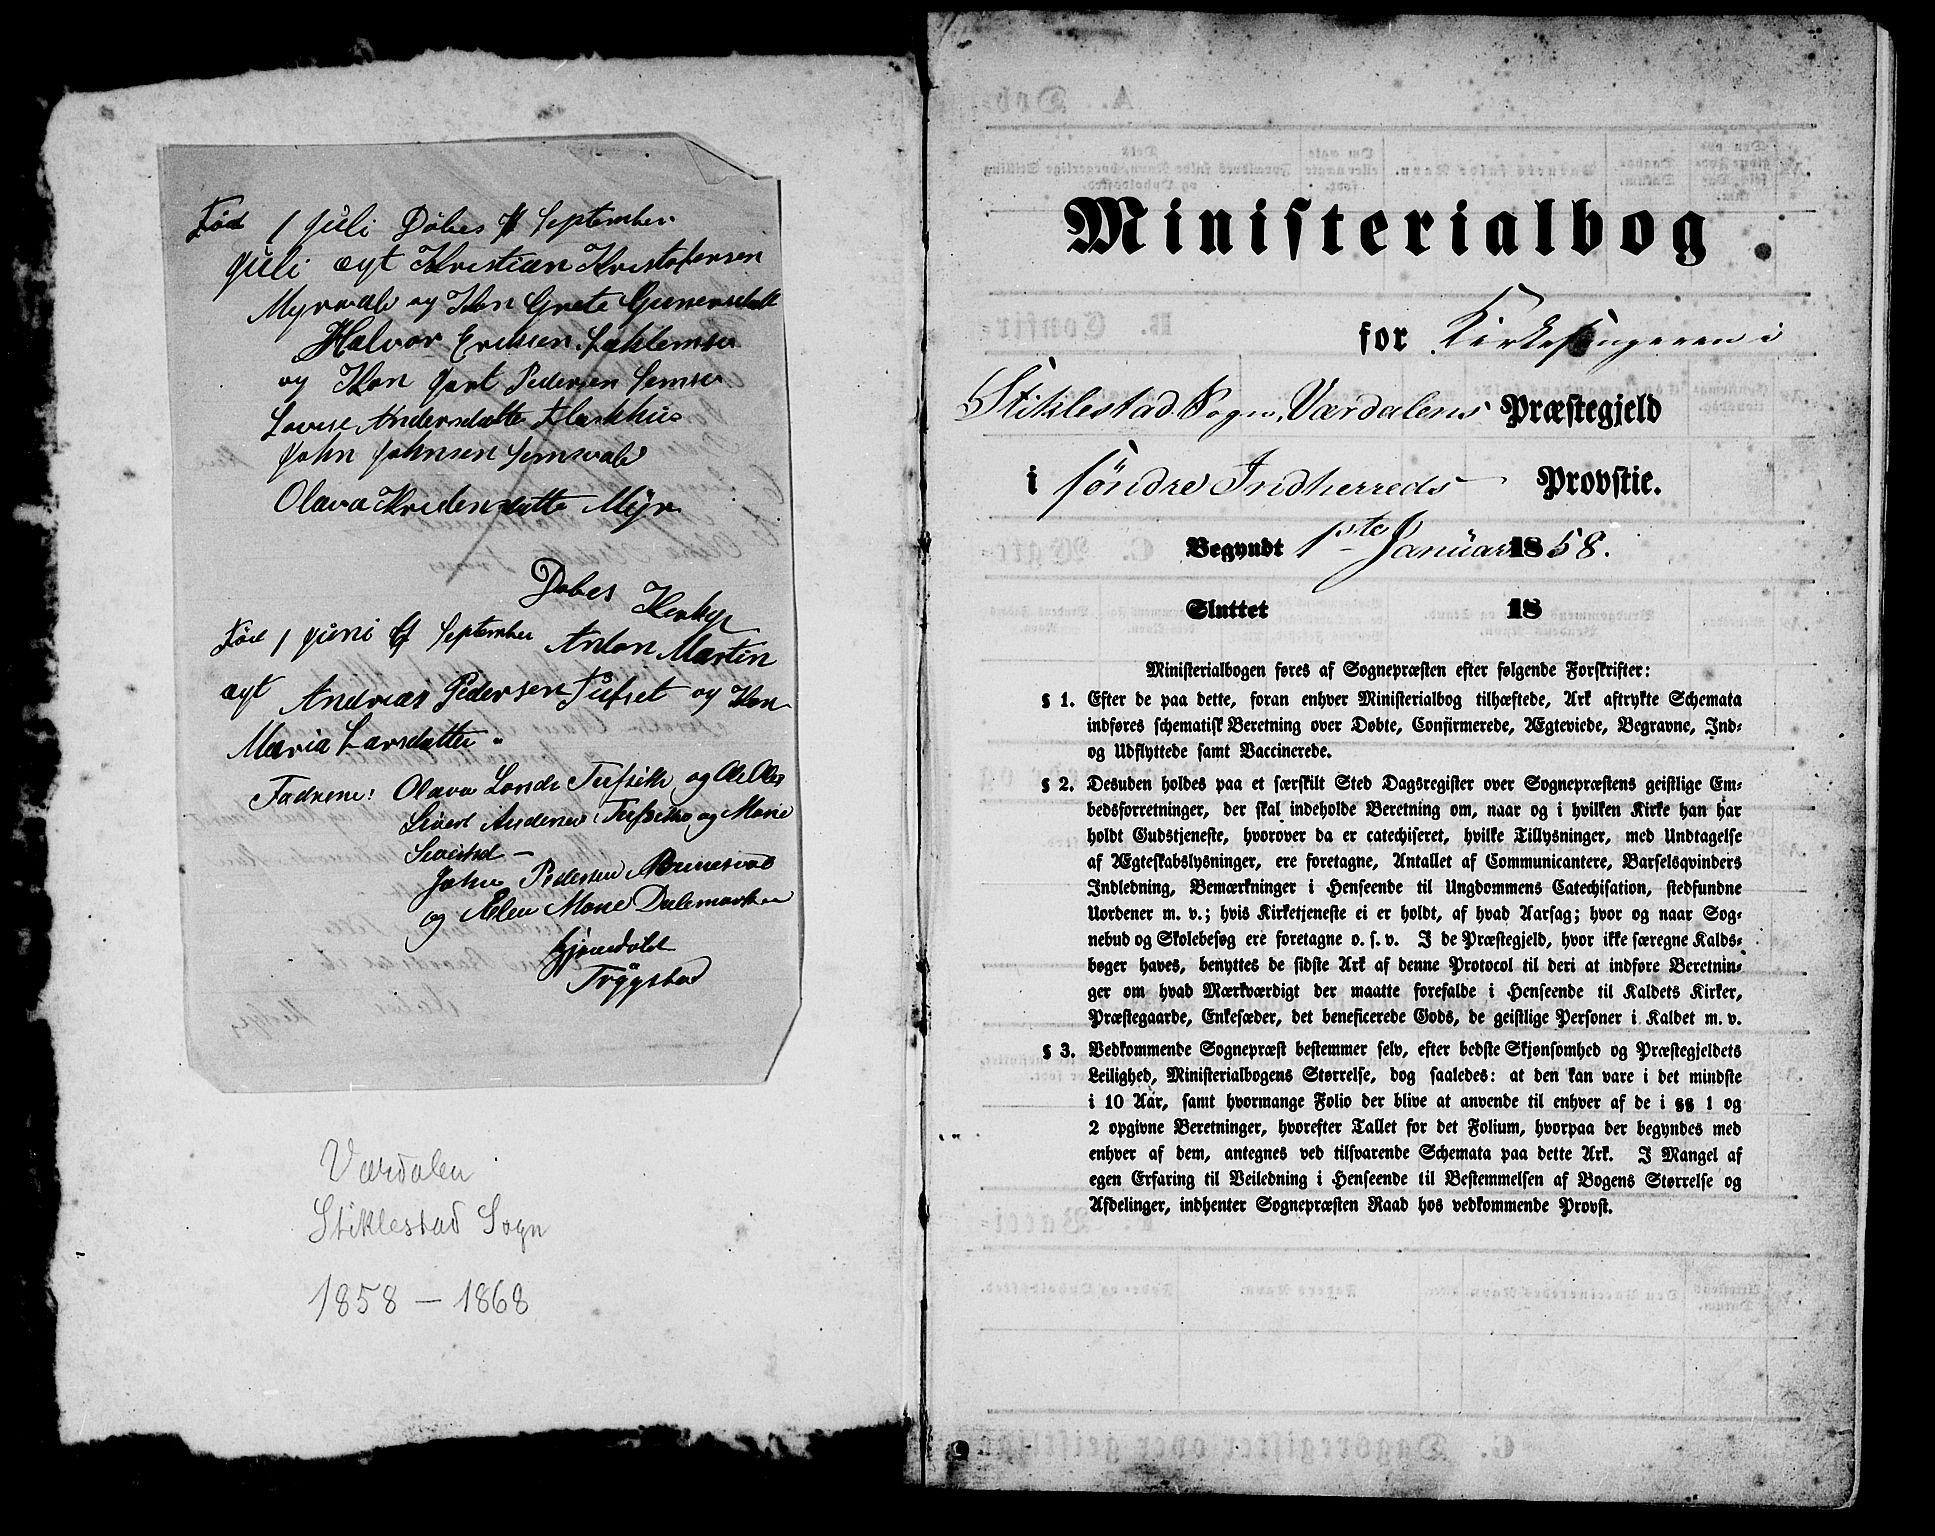 SAT, Ministerialprotokoller, klokkerbøker og fødselsregistre - Nord-Trøndelag, 723/L0254: Klokkerbok nr. 723C02, 1858-1868